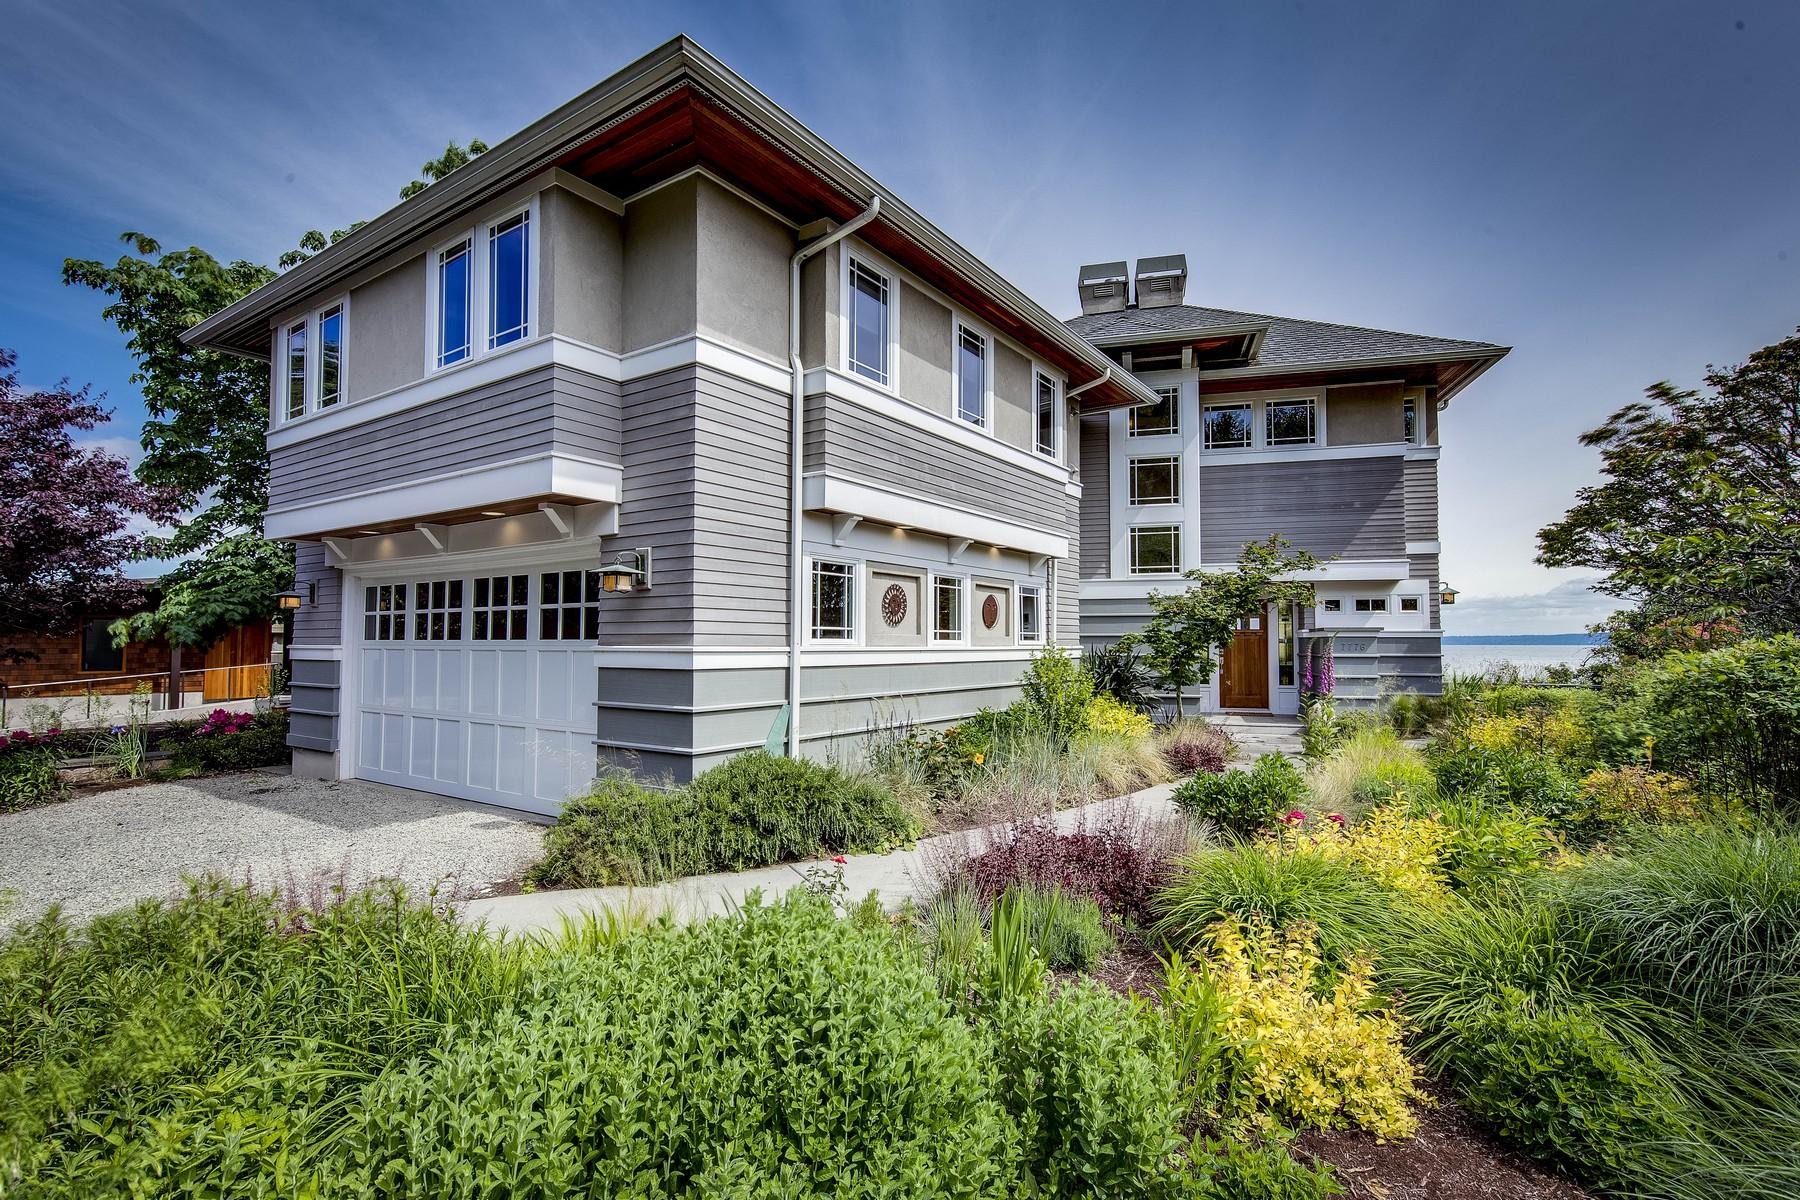 Maison unifamiliale pour l Vente à Yeomalt Beach Home 7776 NE Yeomalt Point Dr Bainbridge Island, Washington, 98110 États-Unis